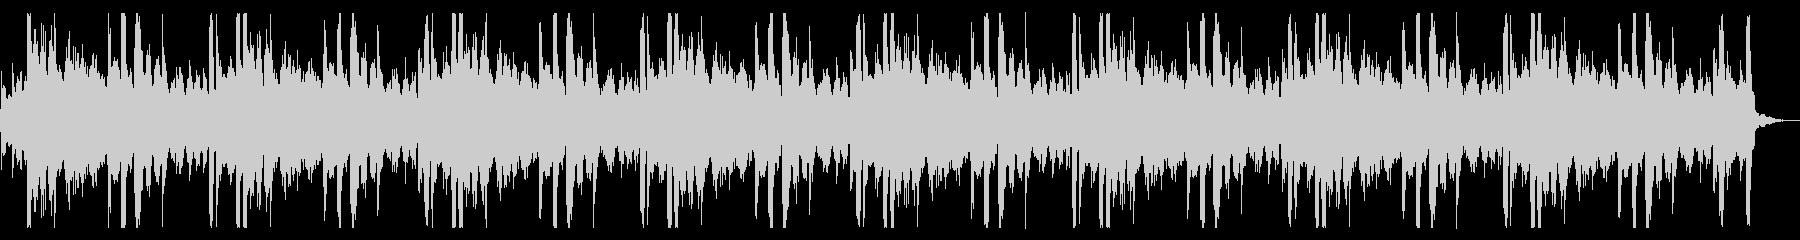 解放されるようなBGM_No631_4の未再生の波形